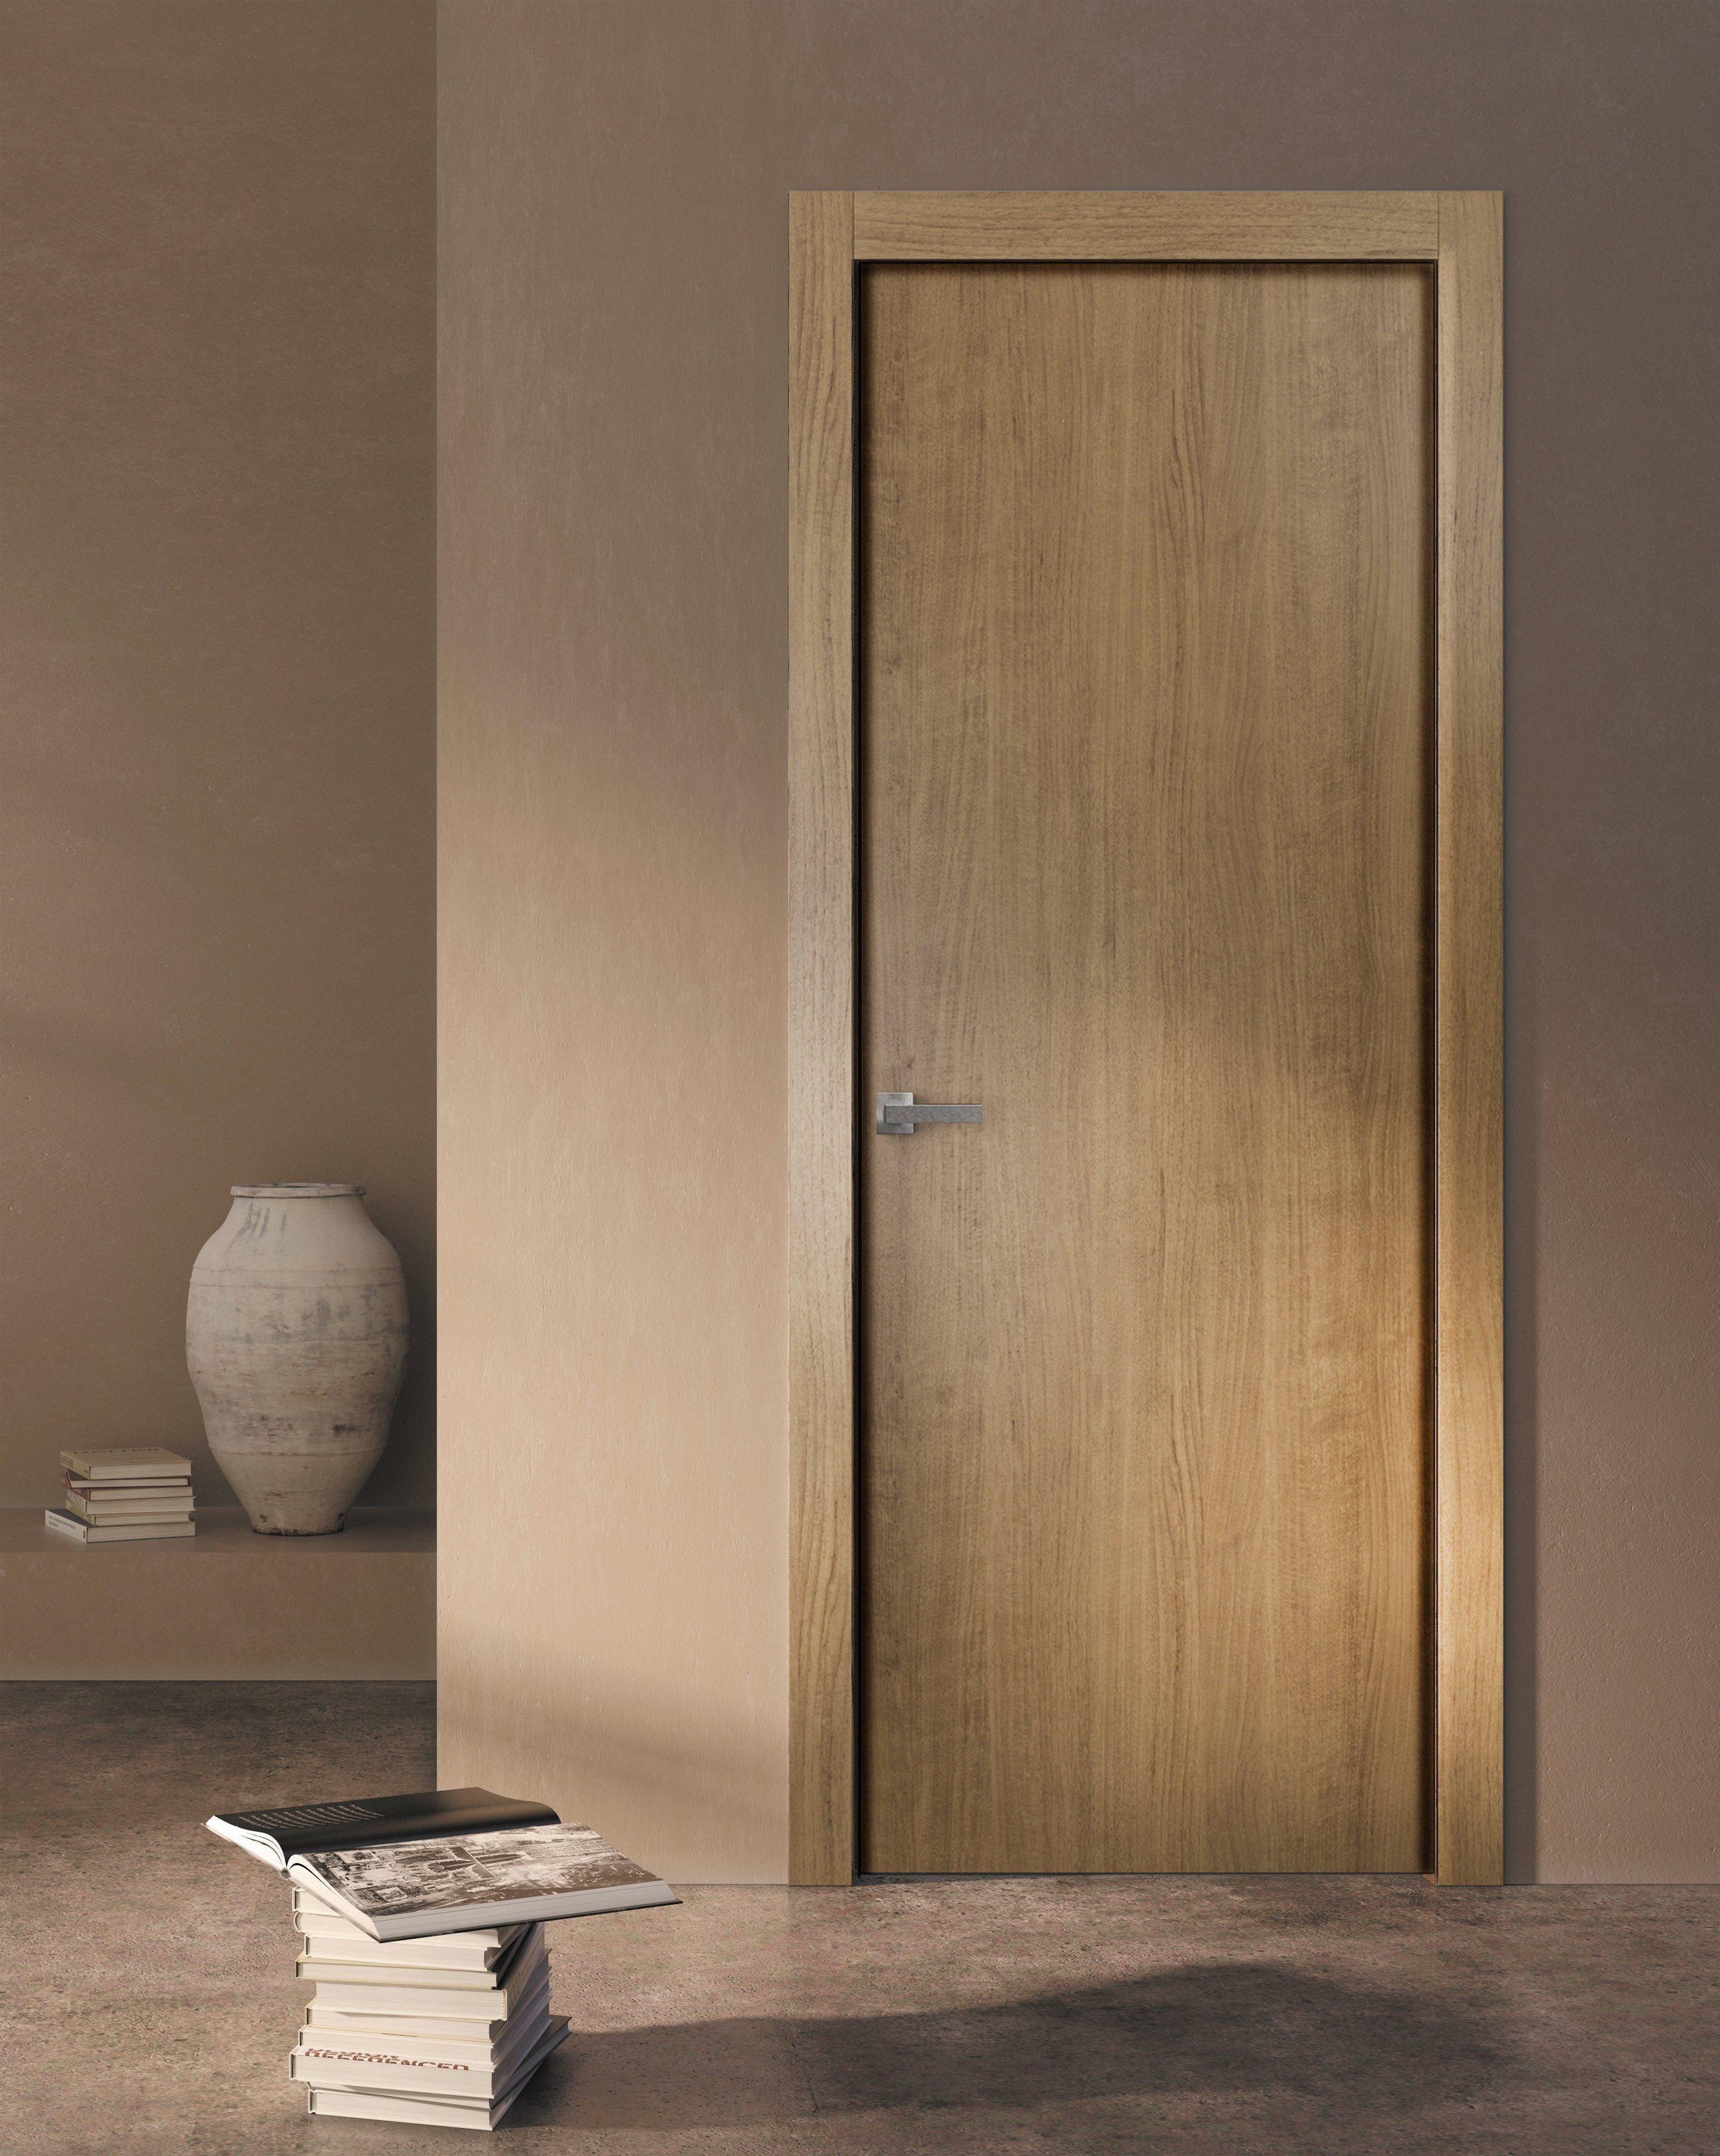 Solid Wood Bedroom Doors Fresh Planum 0010 Interior Door Smoky Walnut No Pre Drilled In